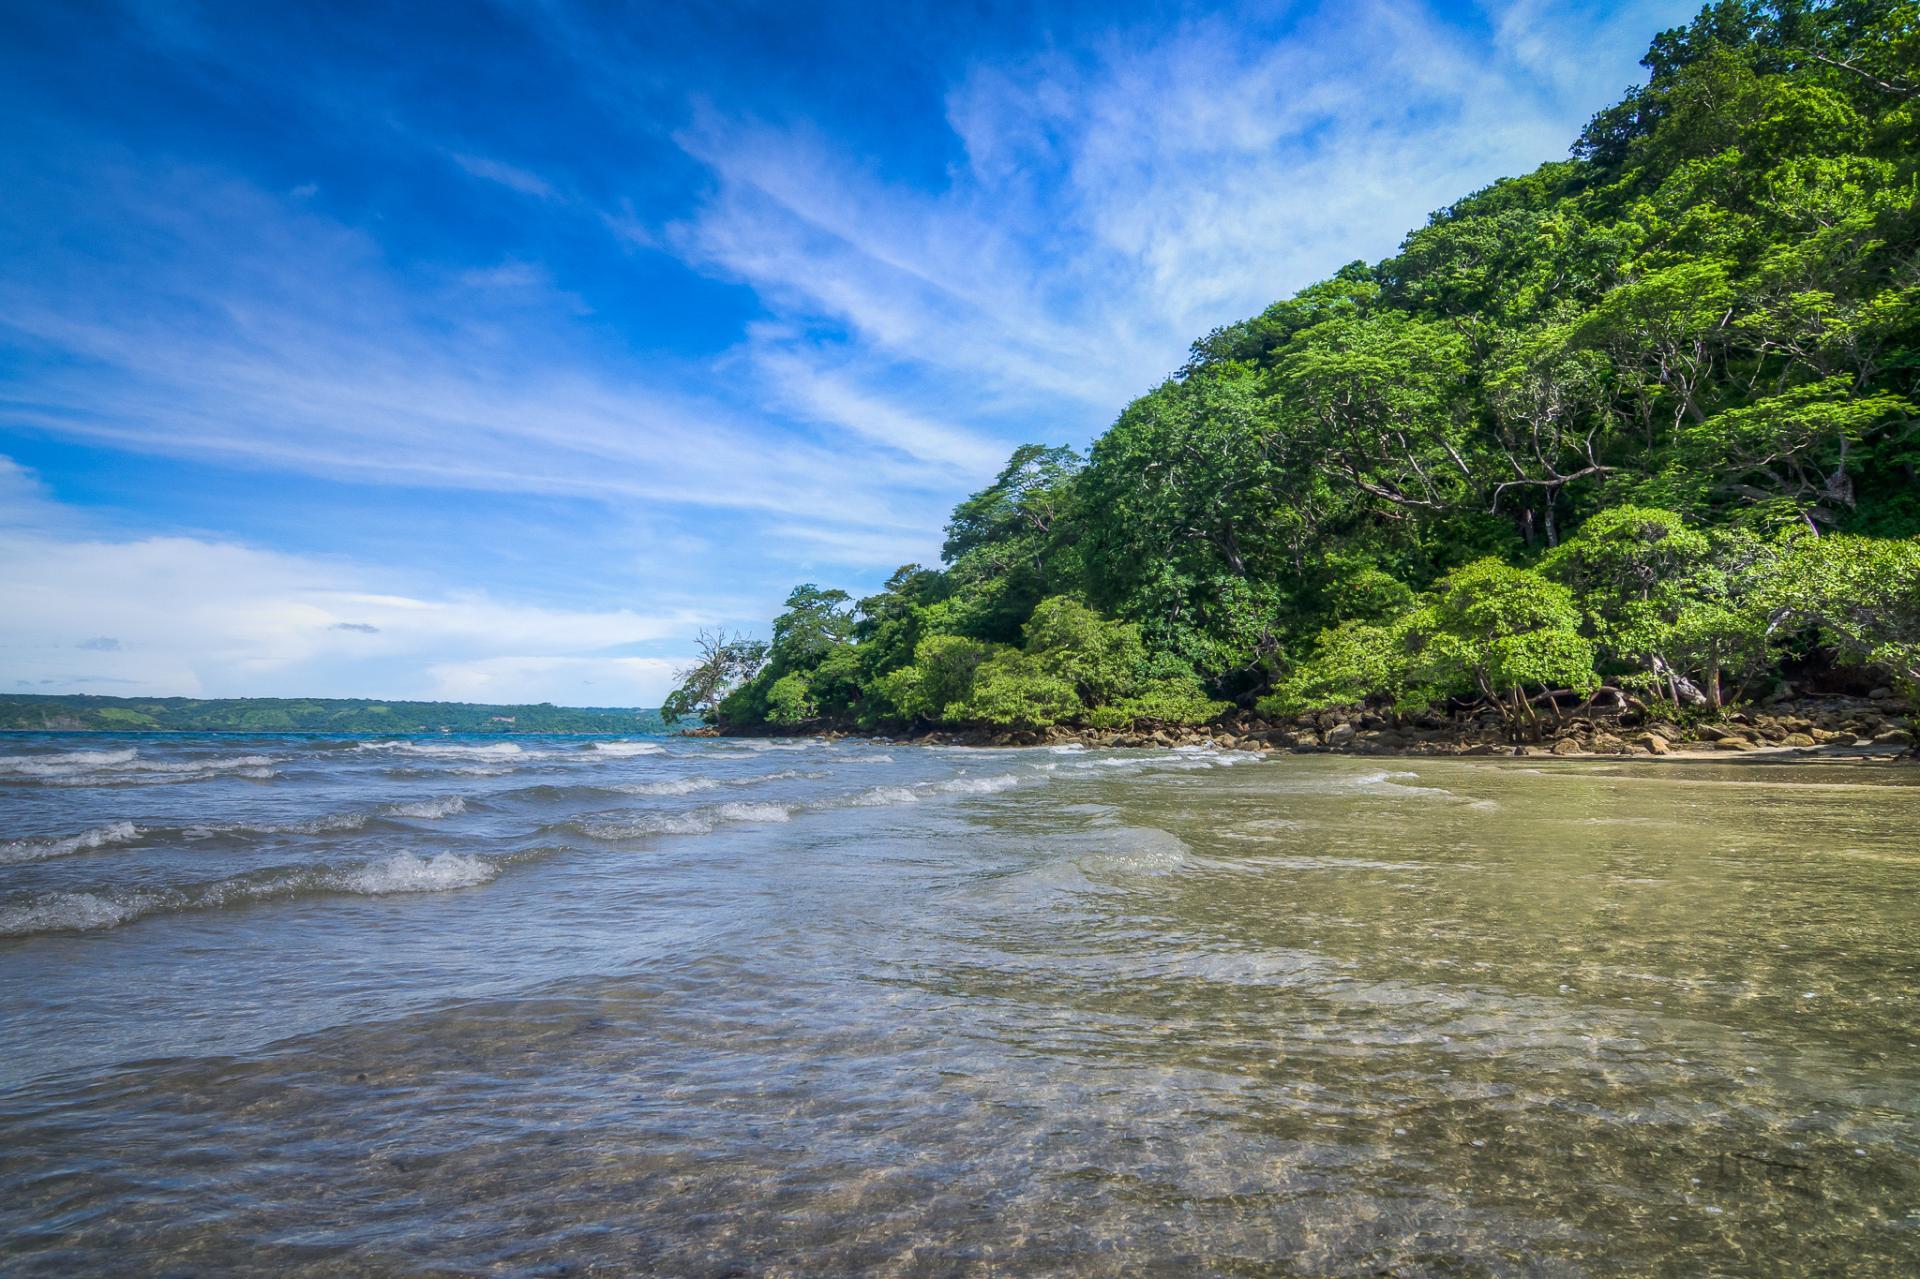 Entdecken Sie die wunderschönen Strände Costa Ricas auf einer Rundreise mit uns